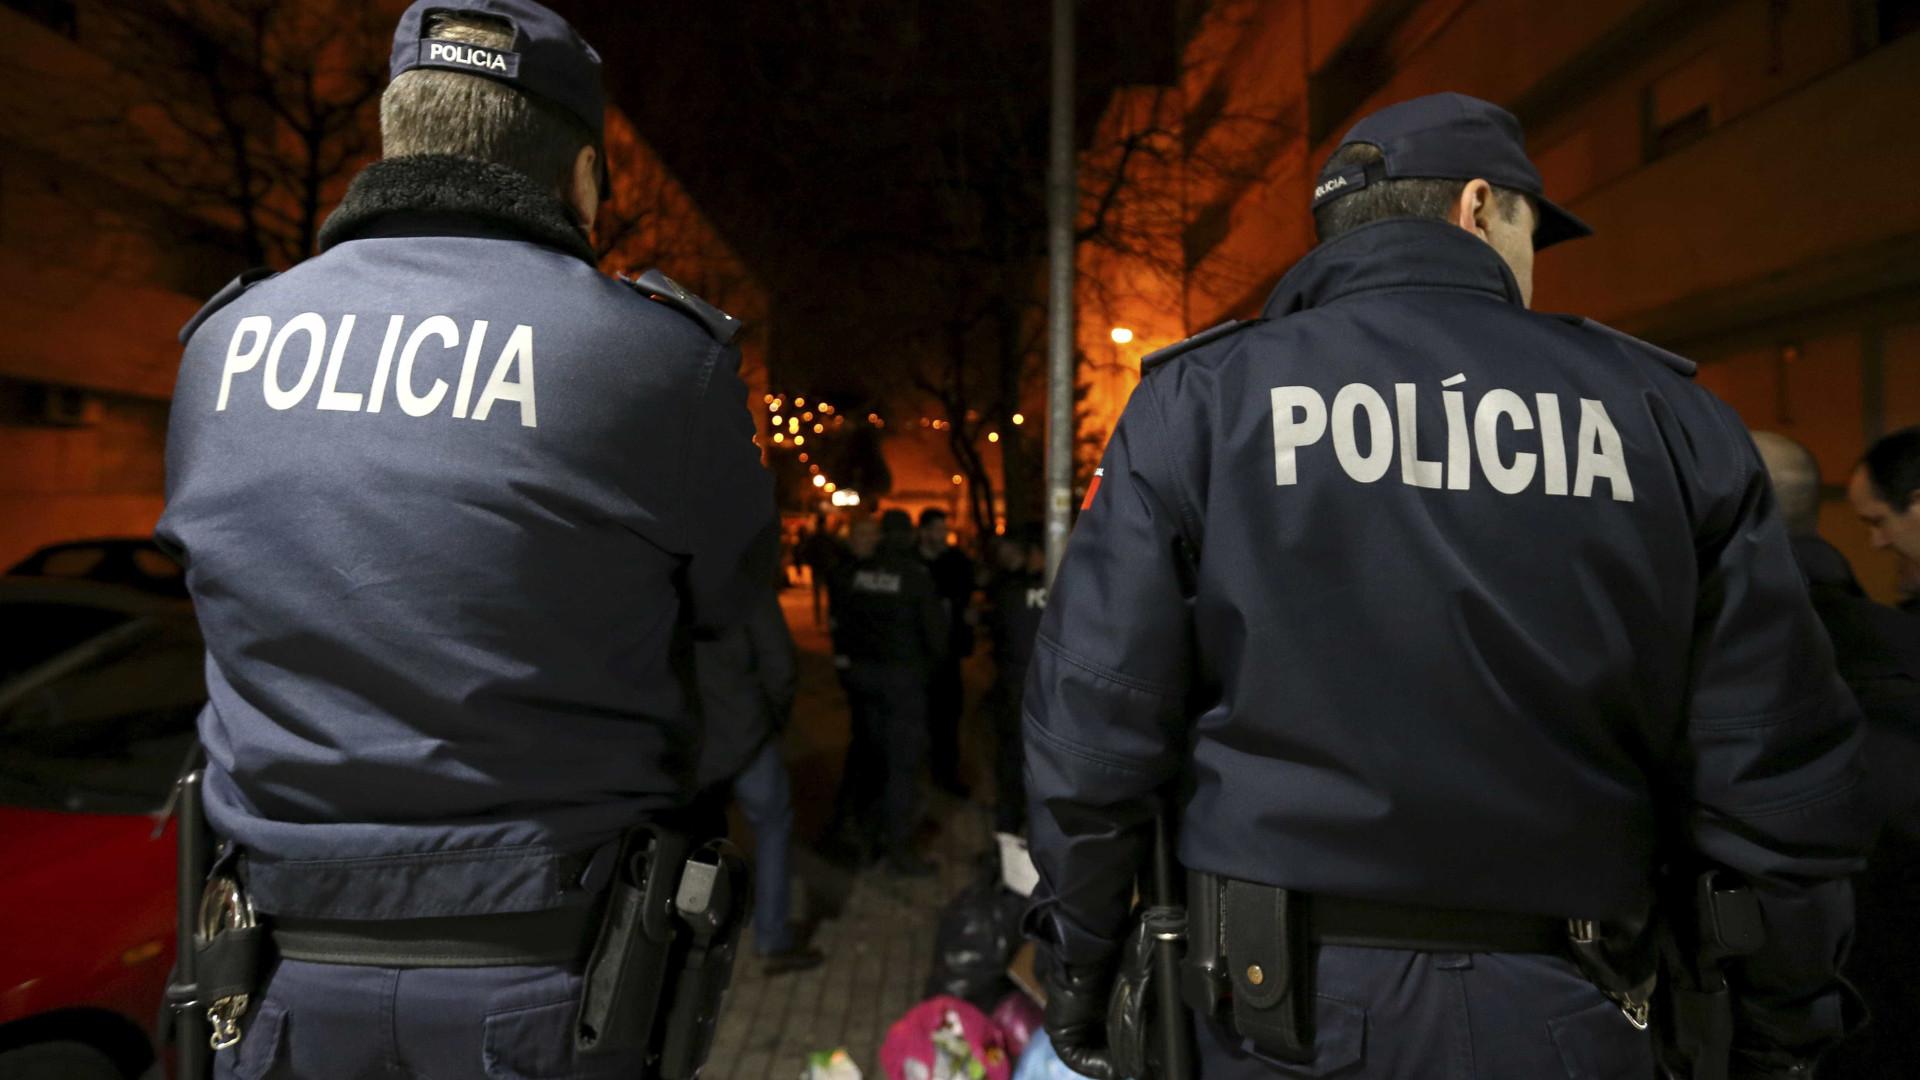 Jovem mata irmão no Bairro da Boavista, em Lisboa